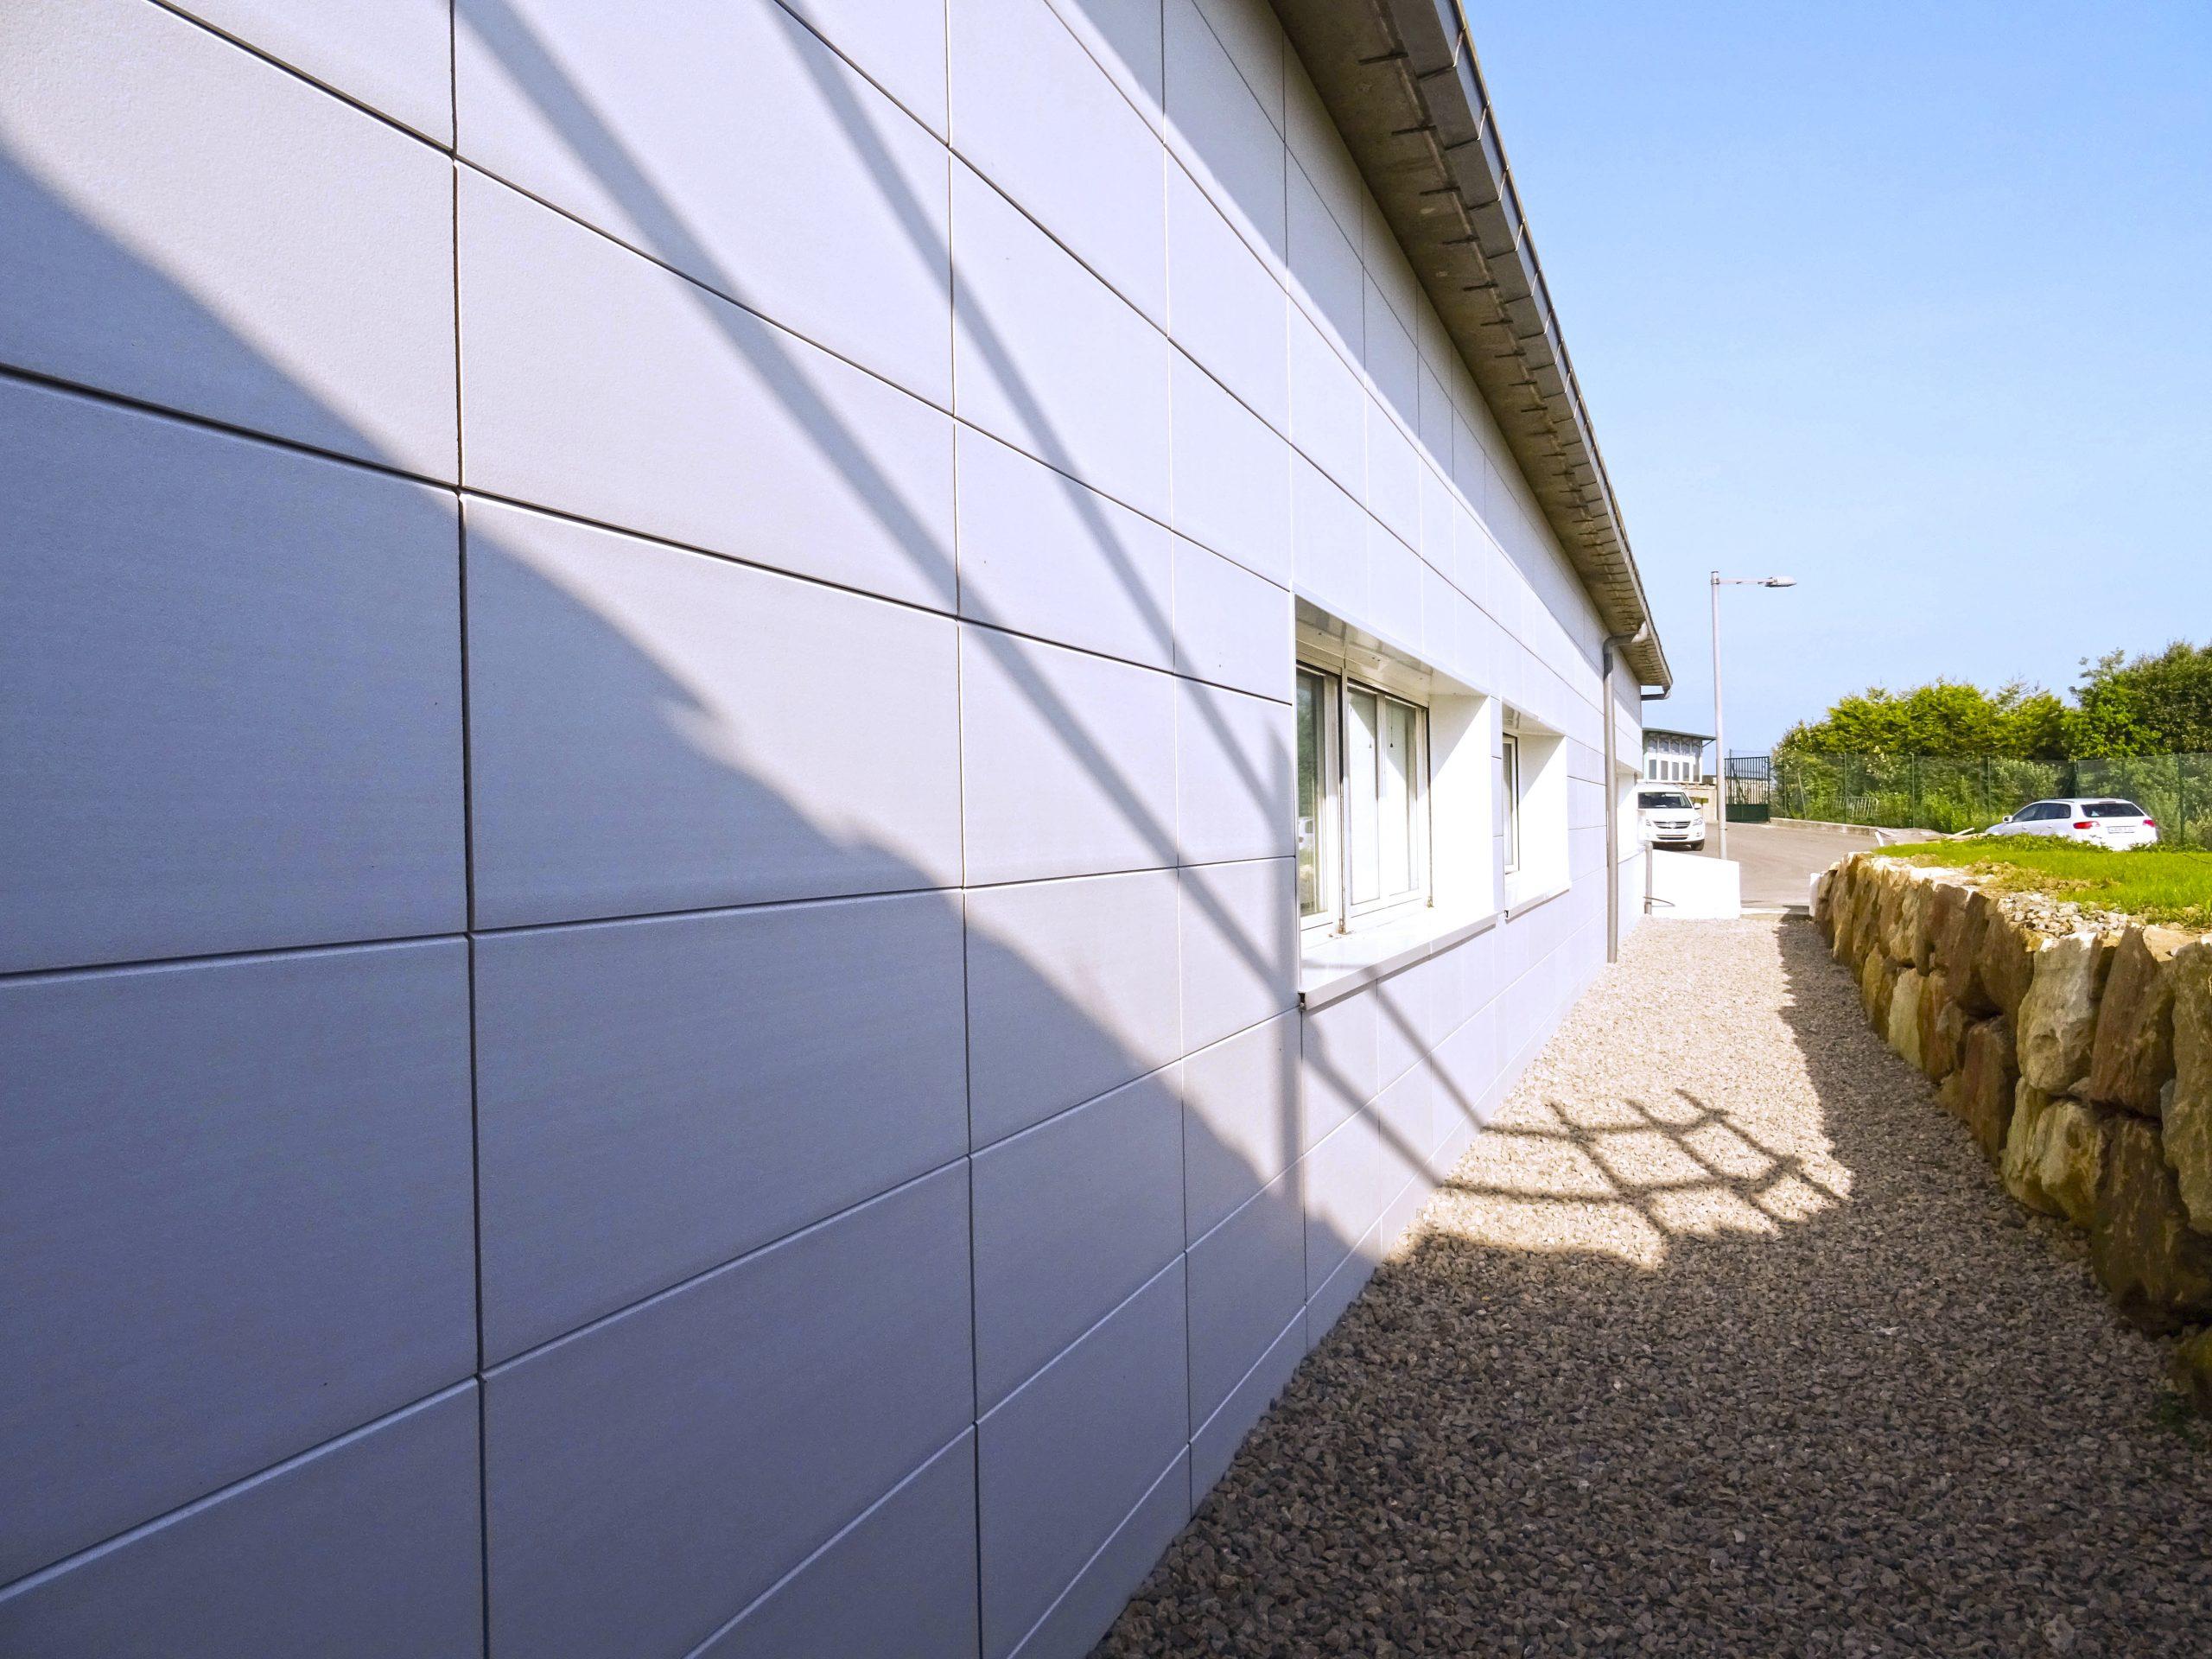 Arbone fachada ventilada 22